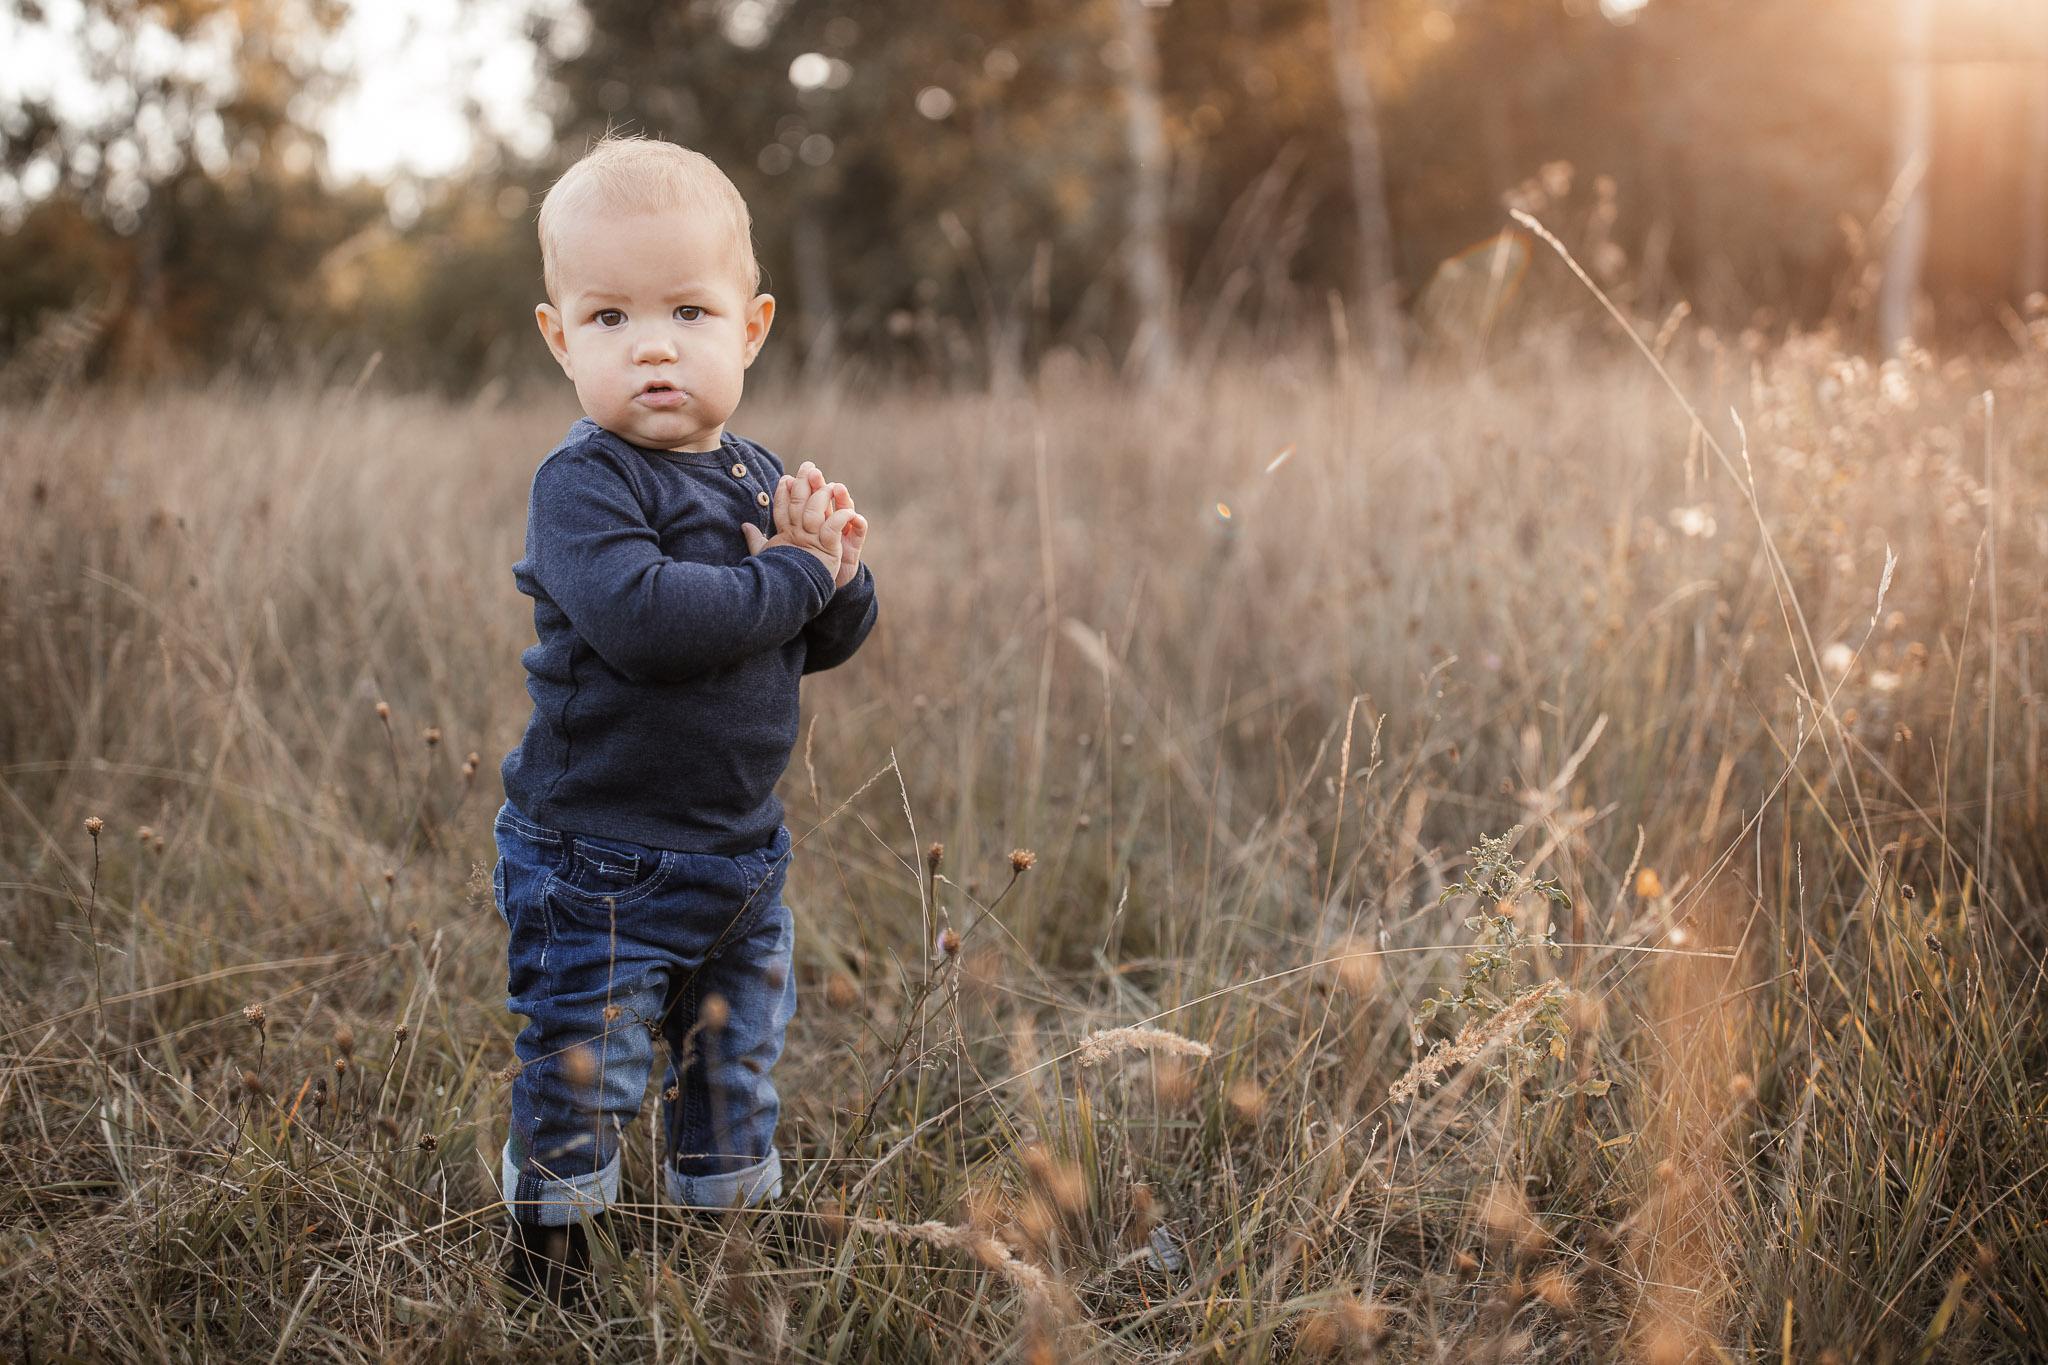 Familienfotos in Ober-Olm: Herbstbilder in der Natur 18